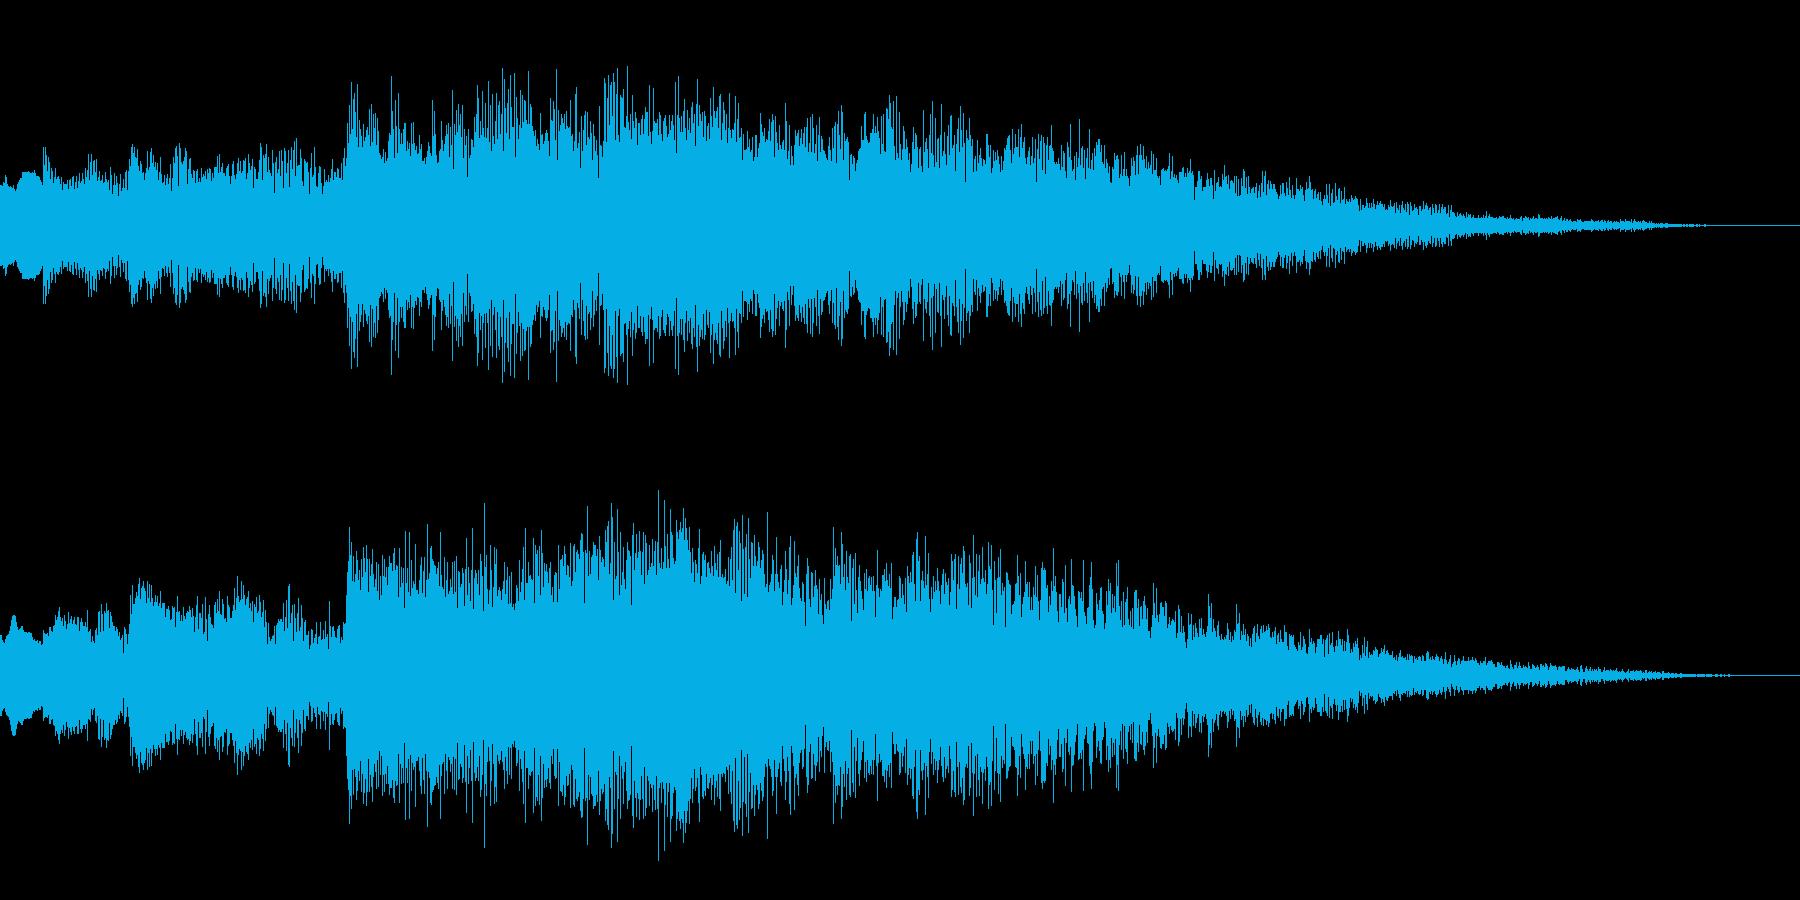 パソコンの起動音のようなサウンドロゴの再生済みの波形